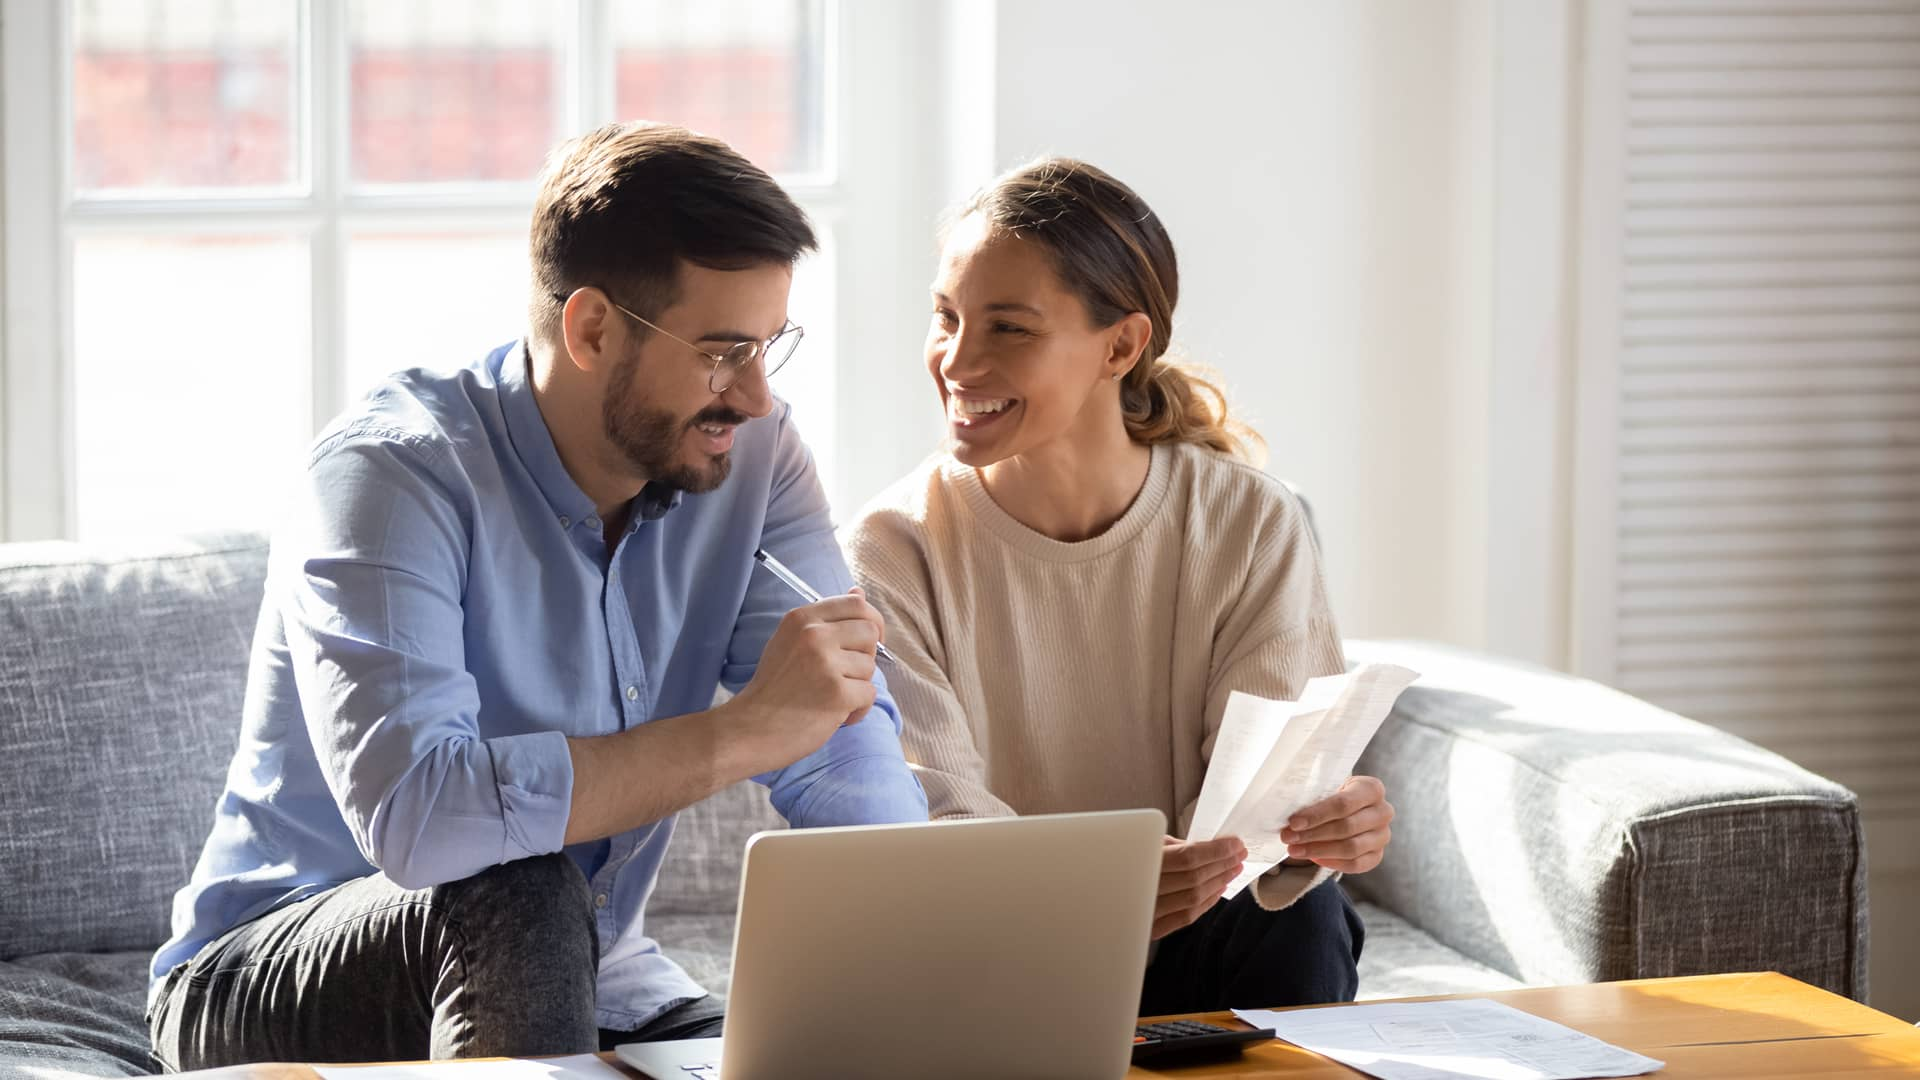 Deducción de la hipoteca: requisitos y gastos deducibles